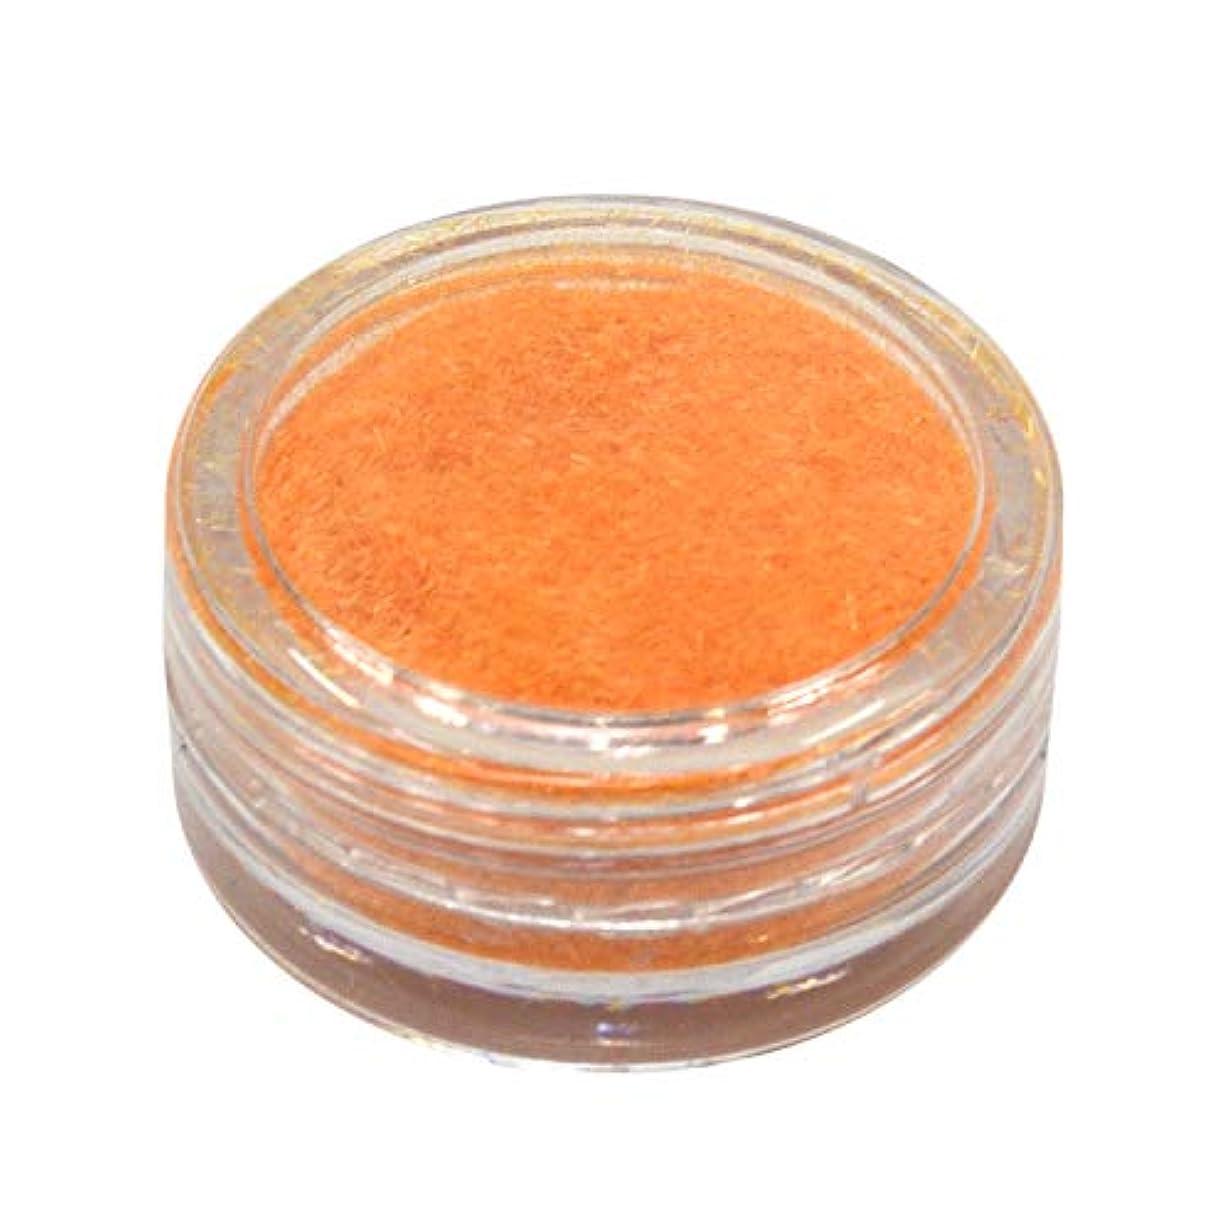 血統アブセイアクセサリーネルパラ ベルベットパウダー #30 オレンジ